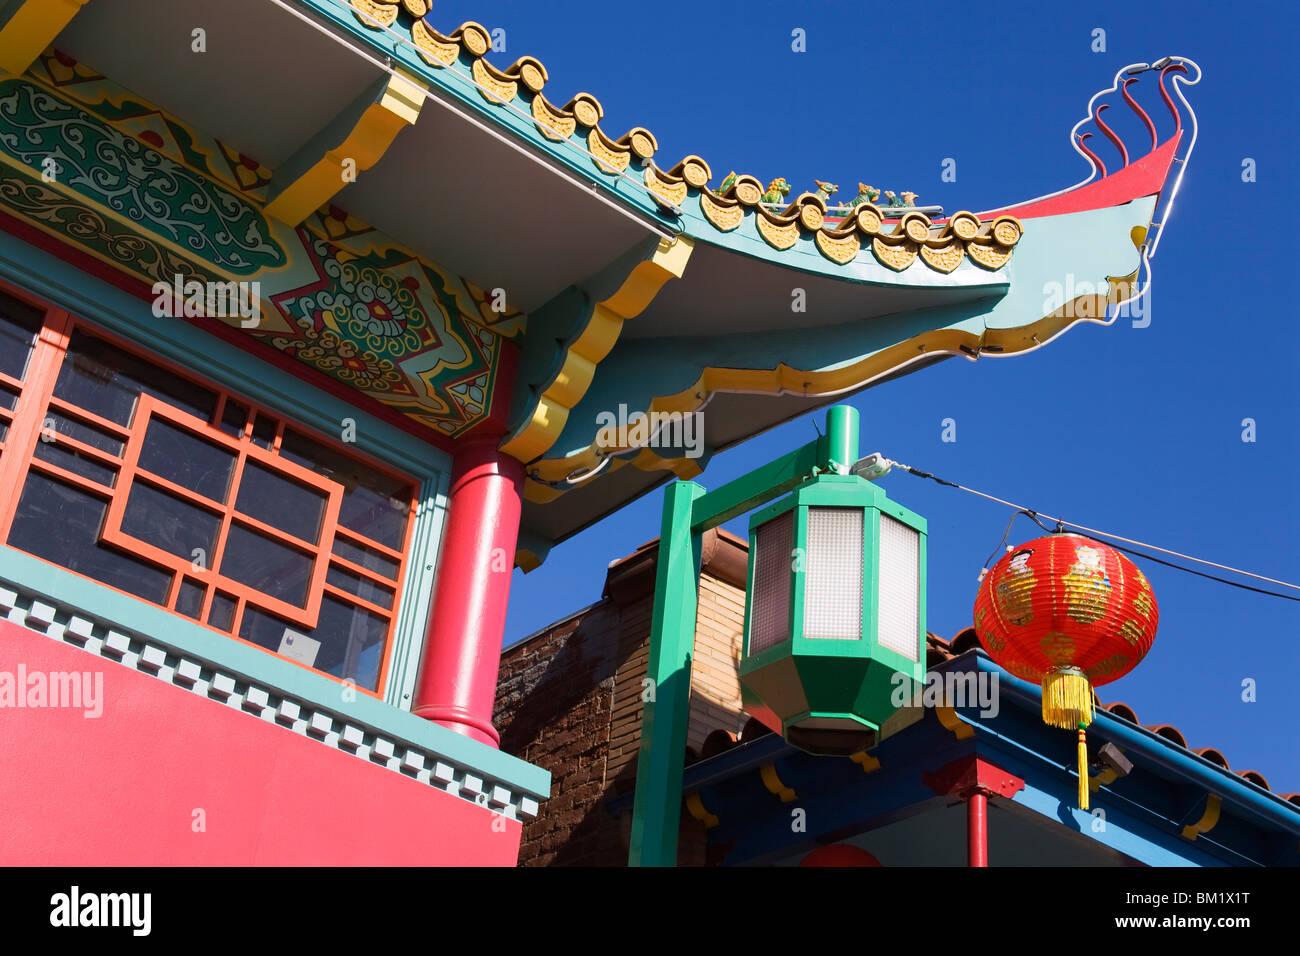 Chinesische Architektur, Chinatown, Los Angeles, California, Vereinigte Staaten von Amerika, Nordamerika Stockbild